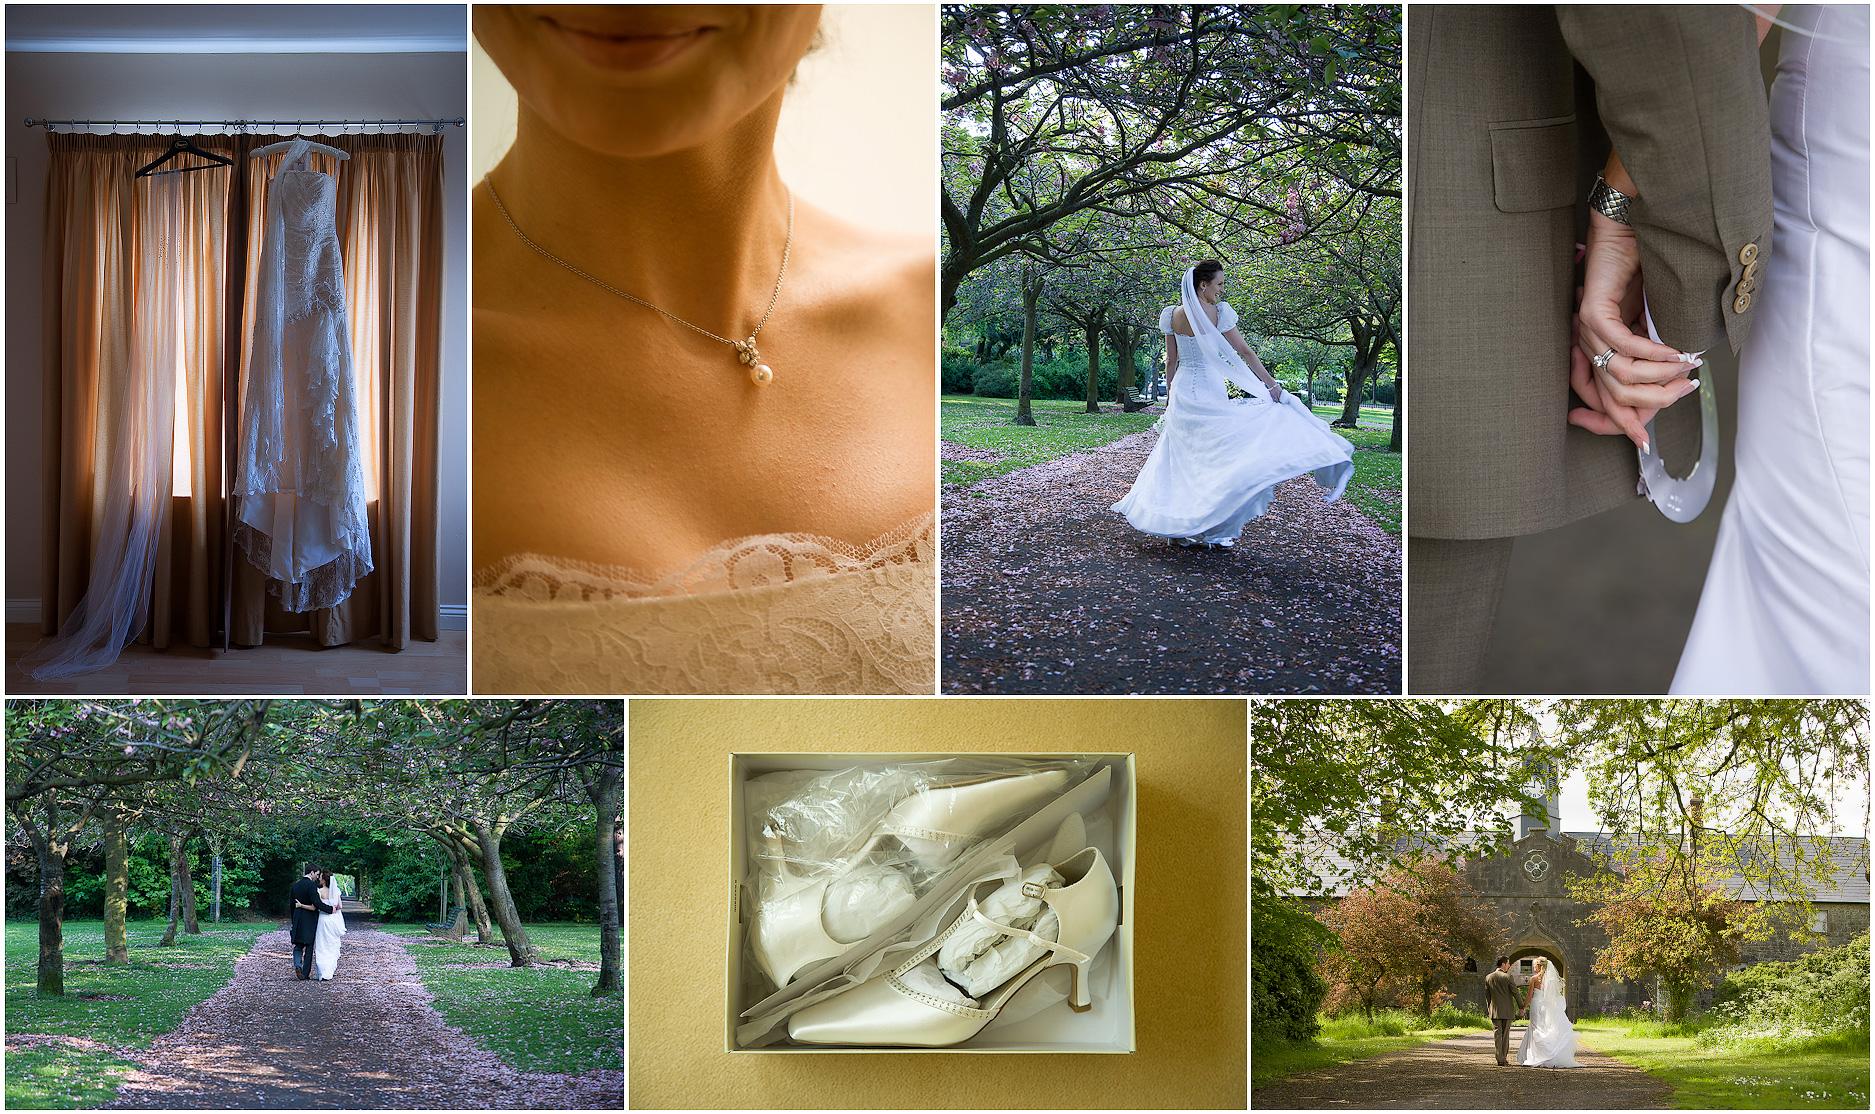 http://d36qisaxgt782m.cloudfront.net/roundcolour/images/c2_wedding_a.jpg